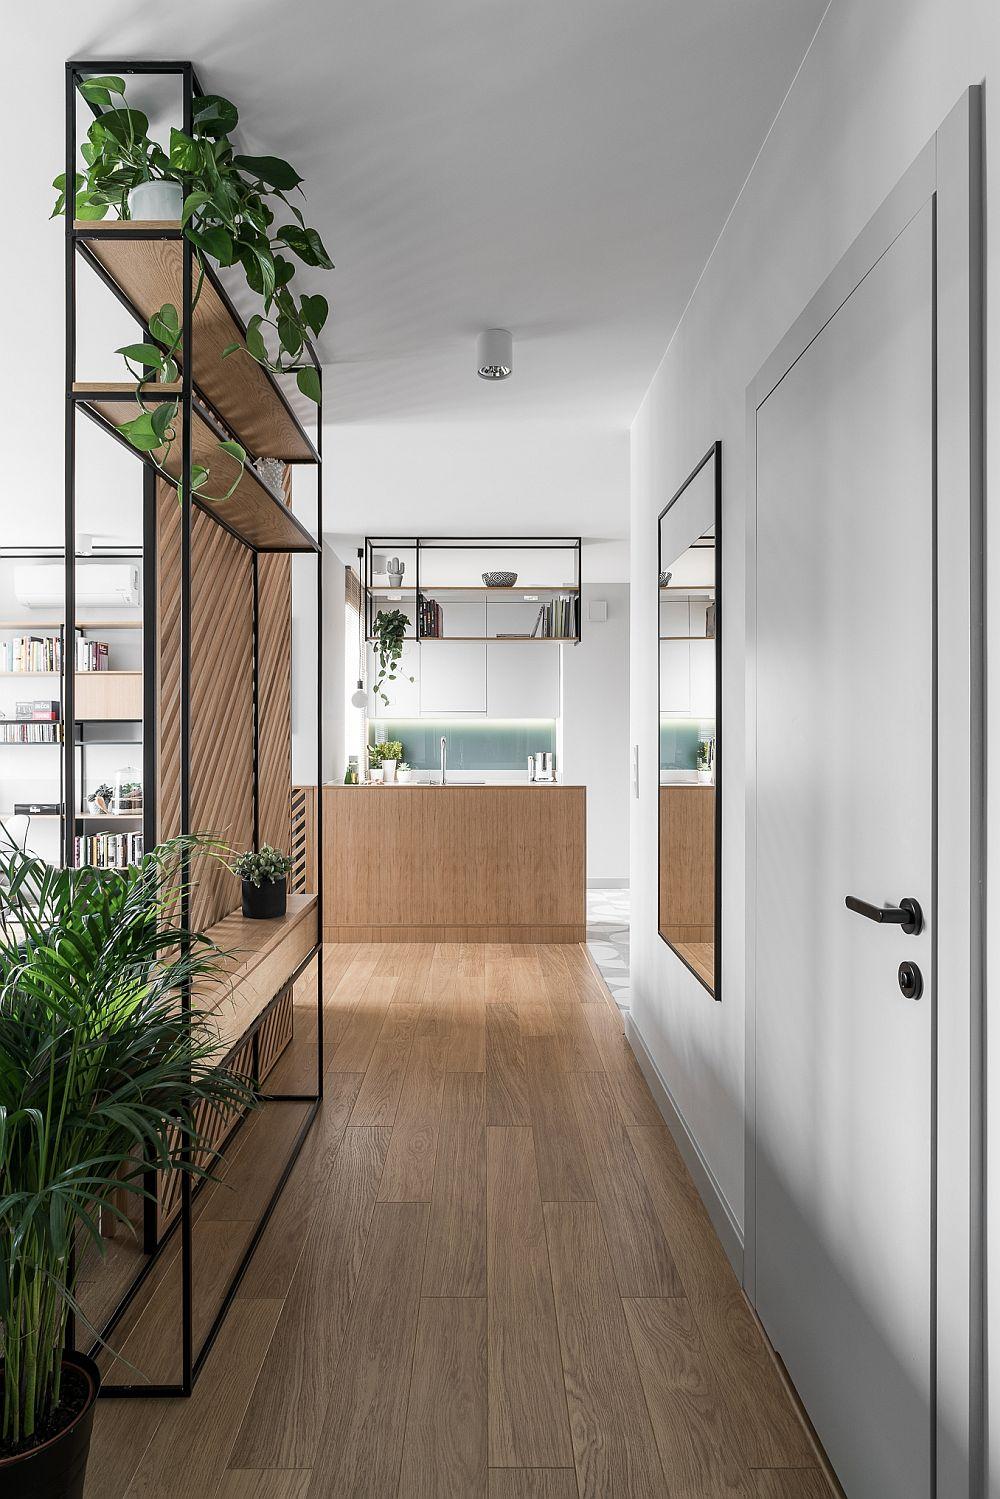 Dinspre dormitoare, culoarul holului este clar conturat prin panoul ce separă livingul și direcționează privirea către zona bucătăriei. Fiind practic în același spațiu, aceste piese de mobilier și separare sunt gîndite în relație unele cu altele, cum se vede și în imagine rafturile de sus din spatele canapelei concepute la același nivel cu raftul de deasupra chiuvetei din bucătărie.